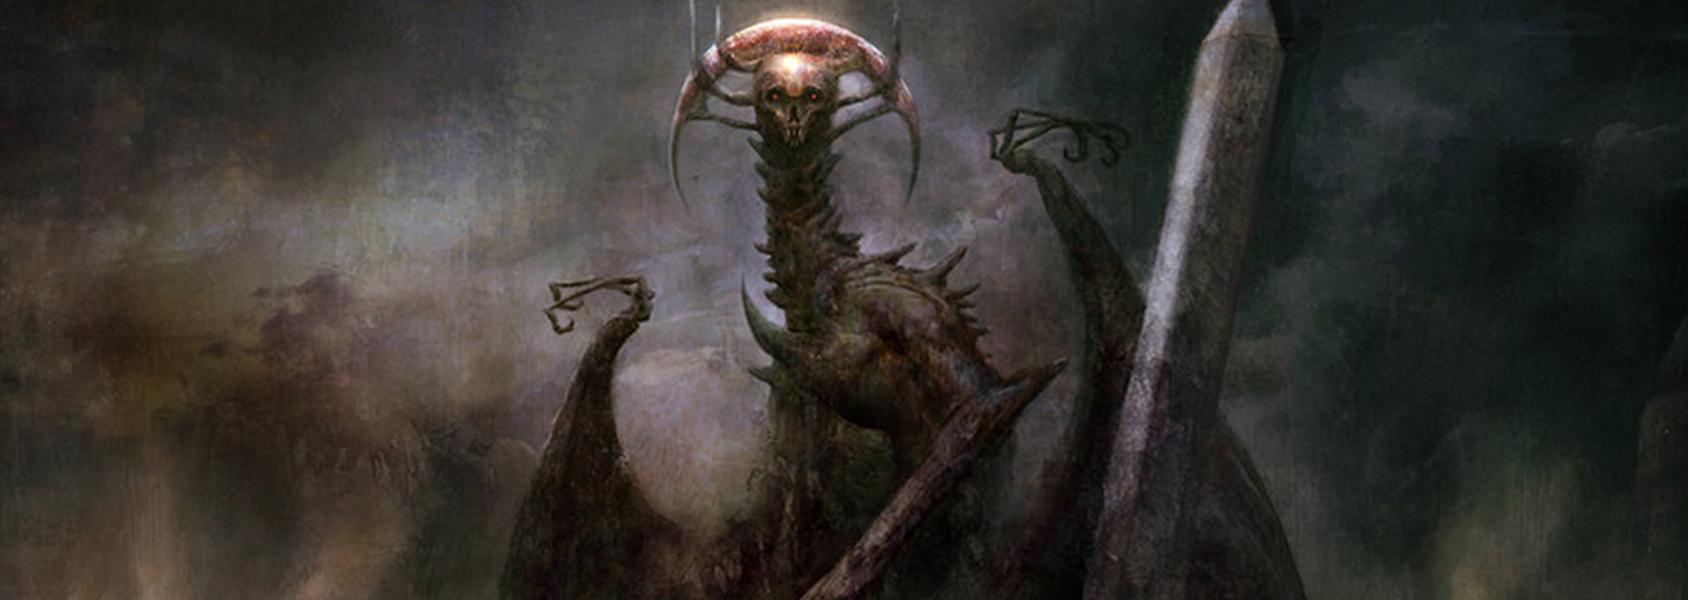 Archfiend of Ifnir